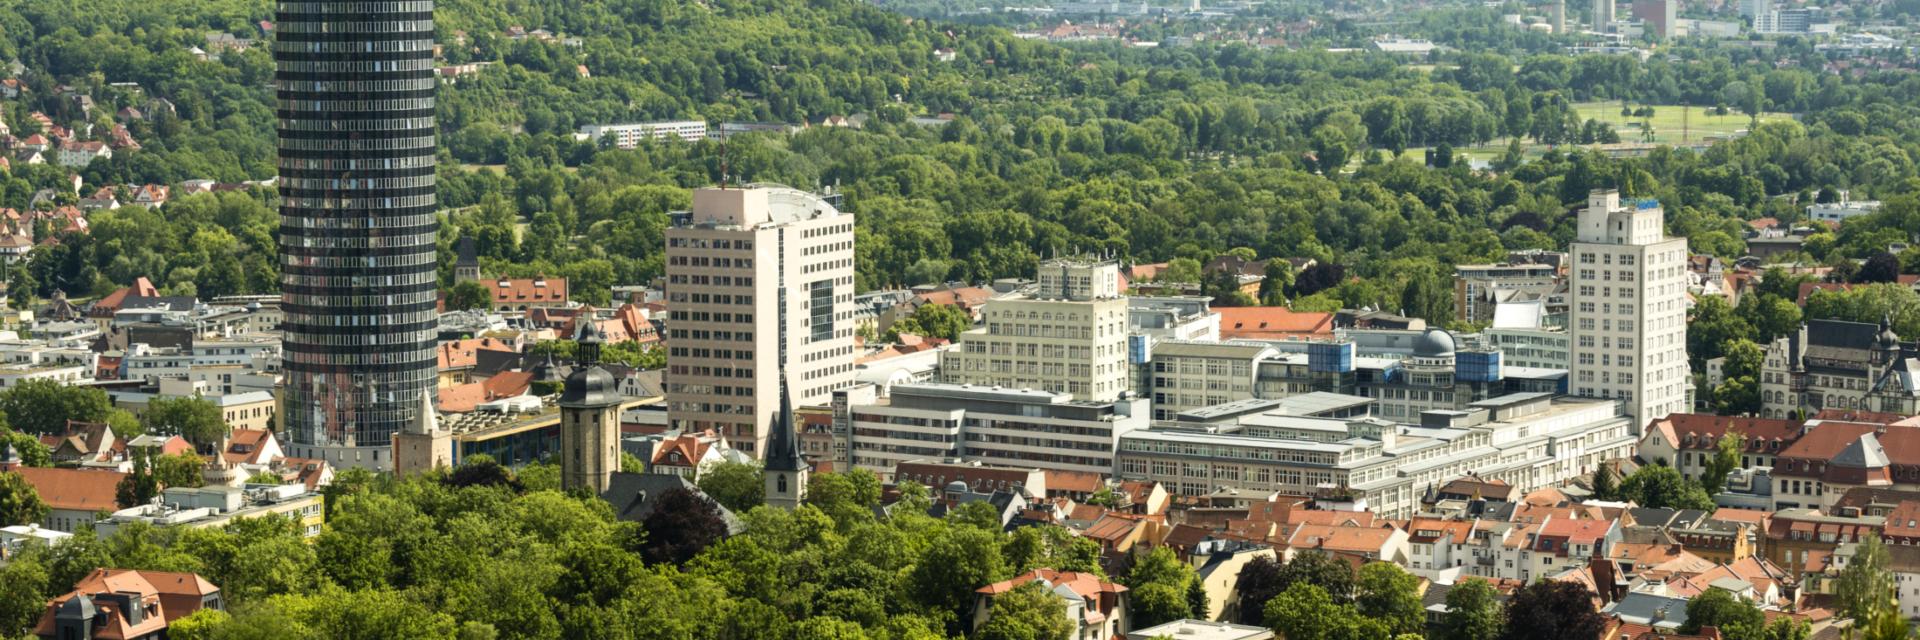 Luftaufnahme der Tagungsstadt Jena - Fachbesuch in Jena